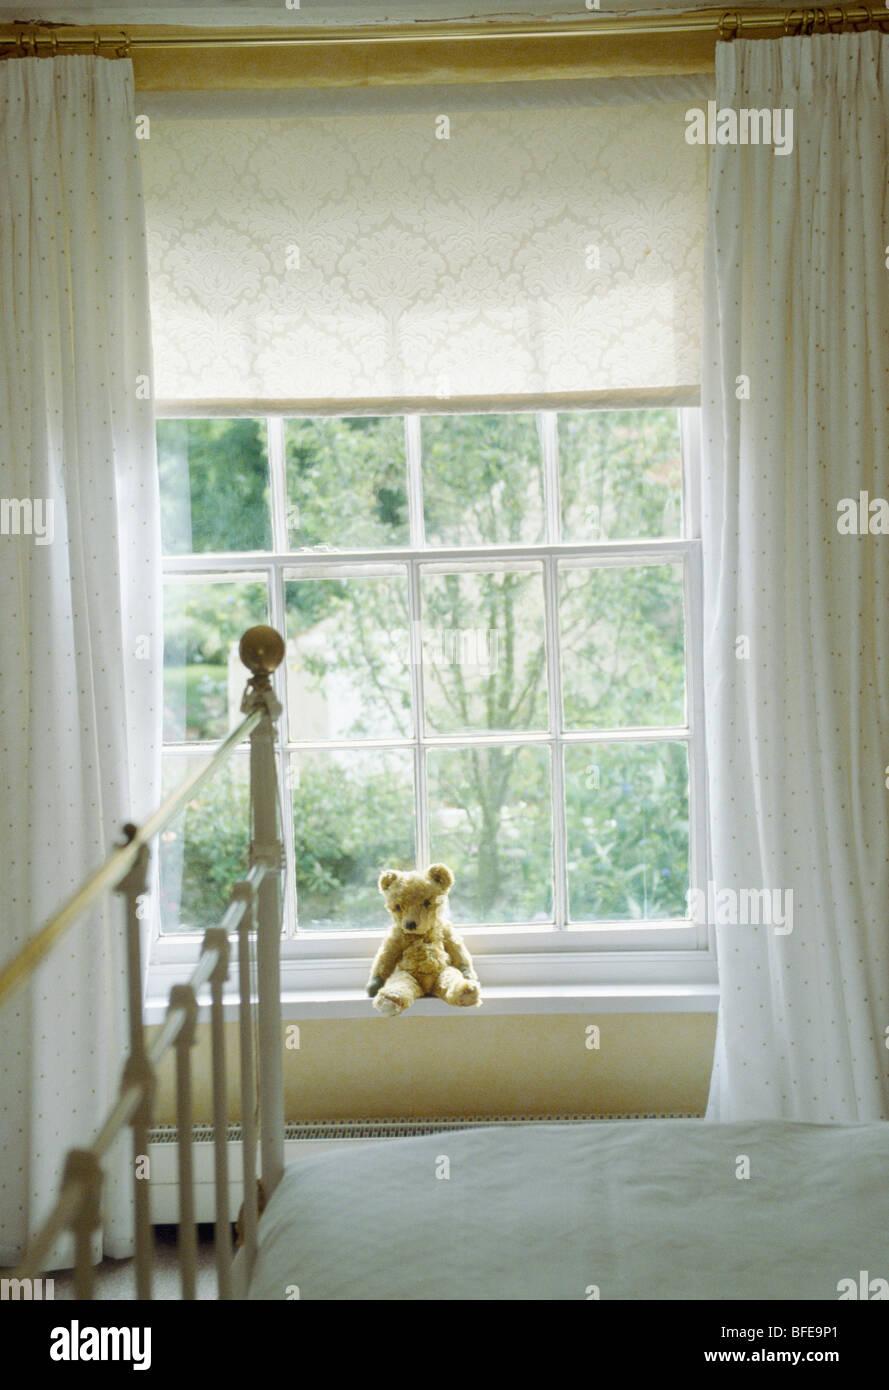 Teddy-Bär auf Fensterbank Fenster mit Creme blind und weiße Gardinen ...